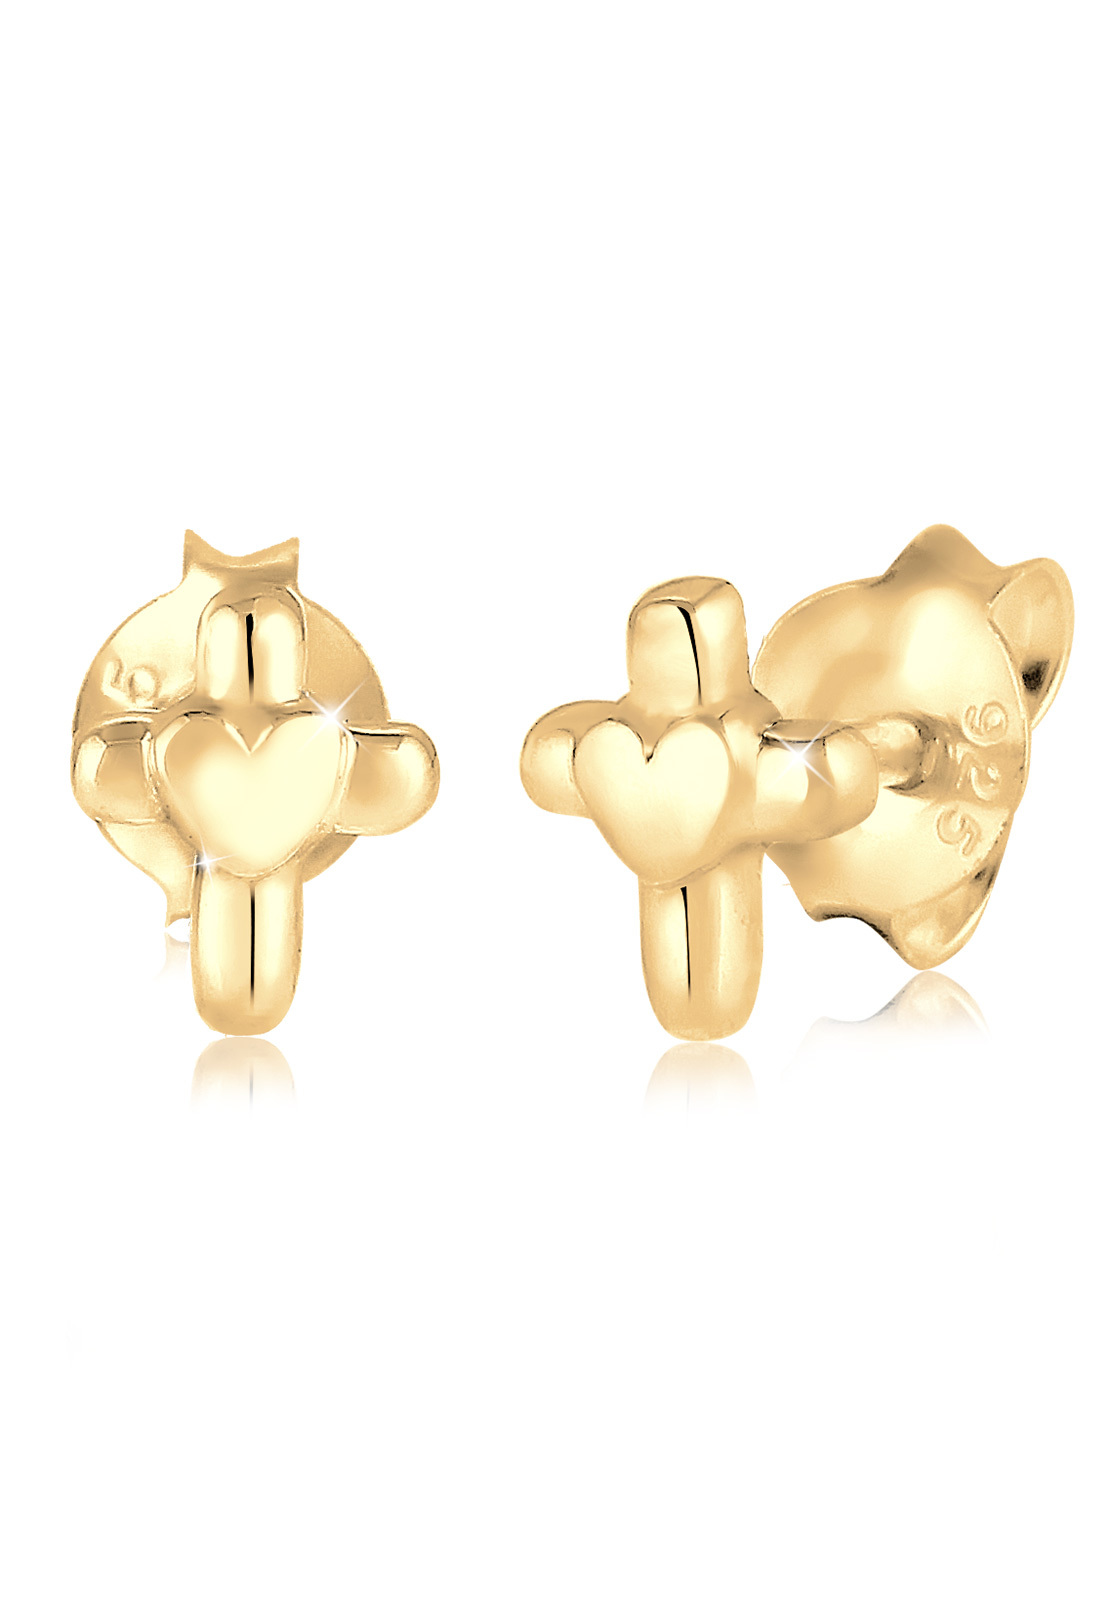 Ohrring Herz   925 Sterling Silber vergoldet